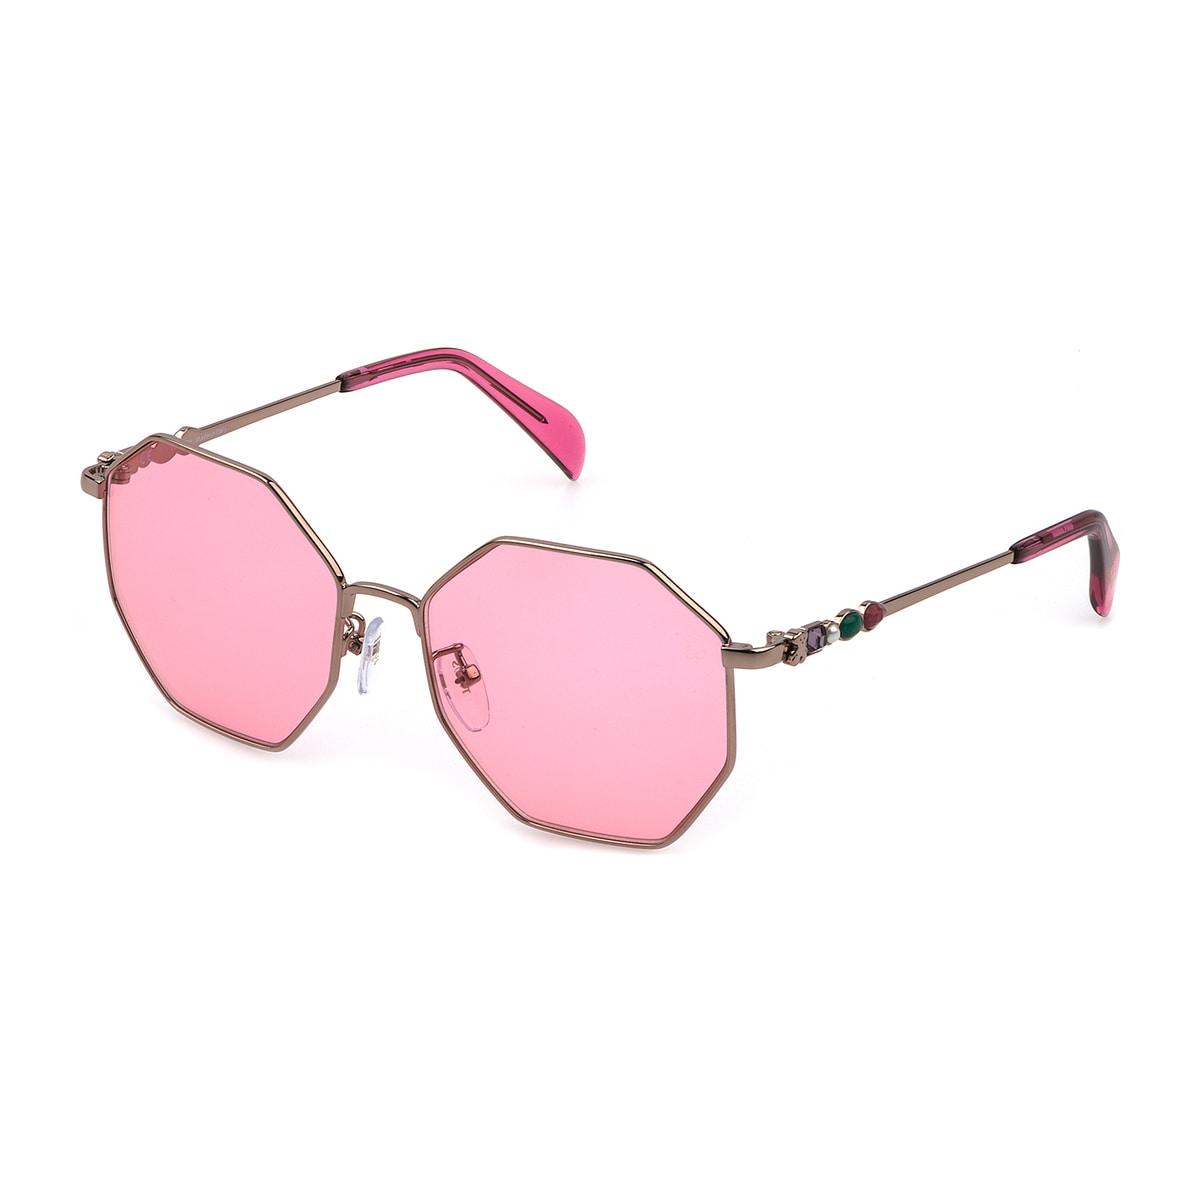 Brown Metal Jolie Seventies Sunglasses